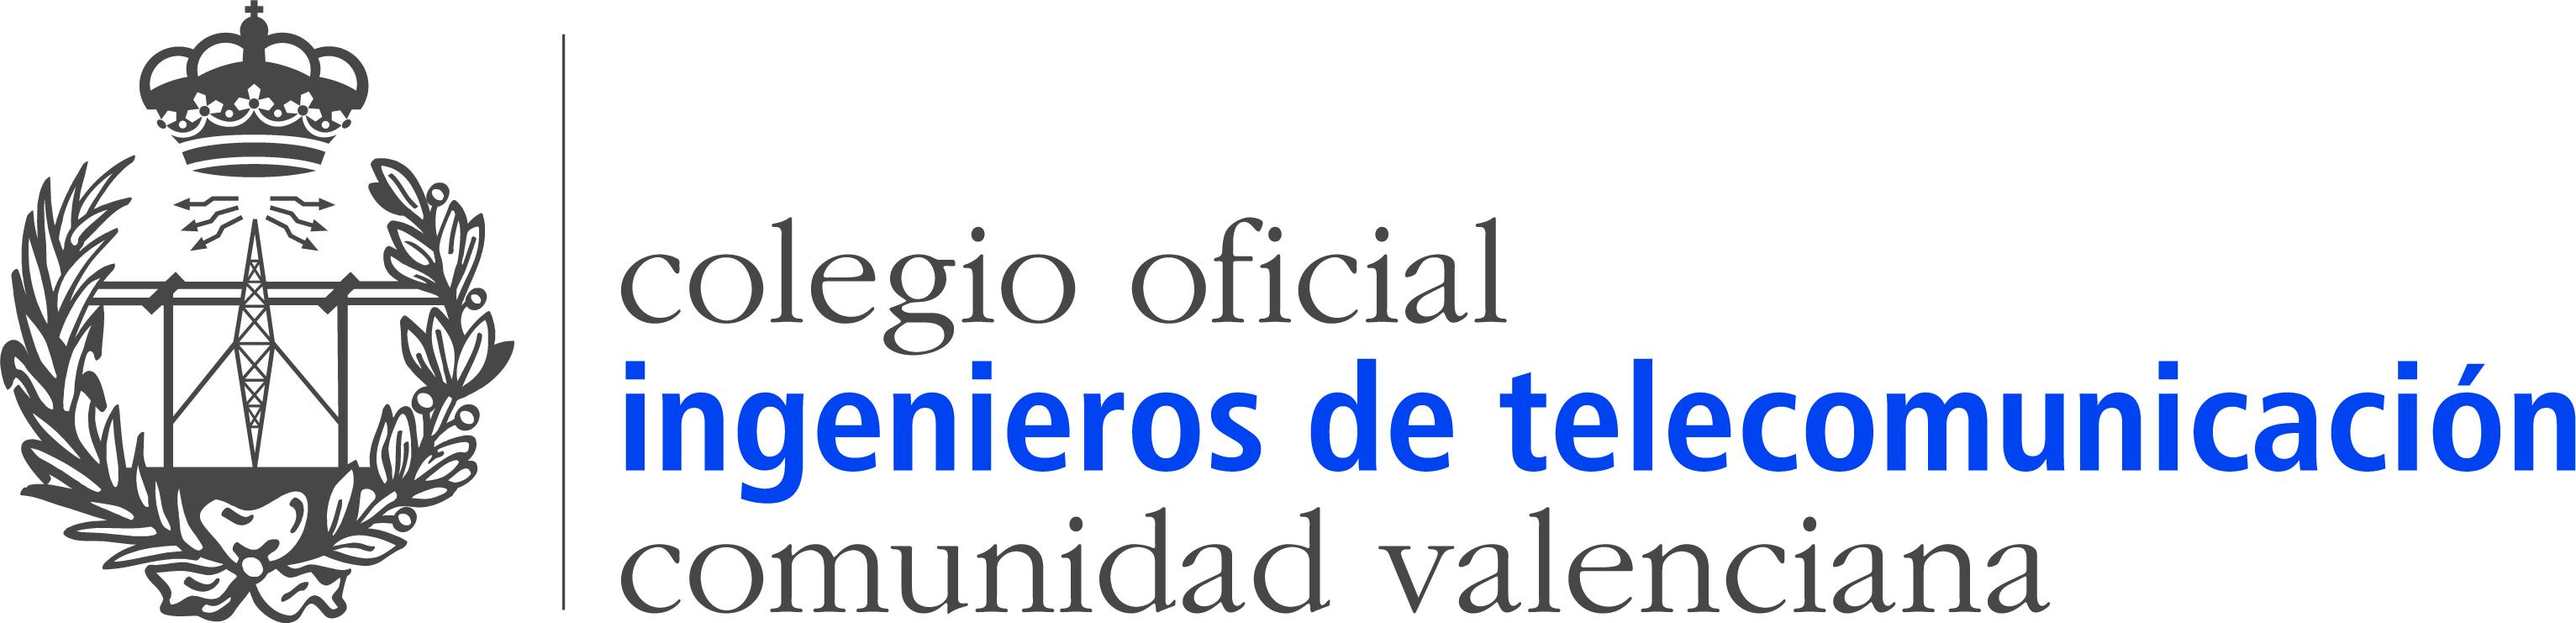 Colegio Oficial de Ingenieros de Telecomunicación de la Comunidad Valenciana